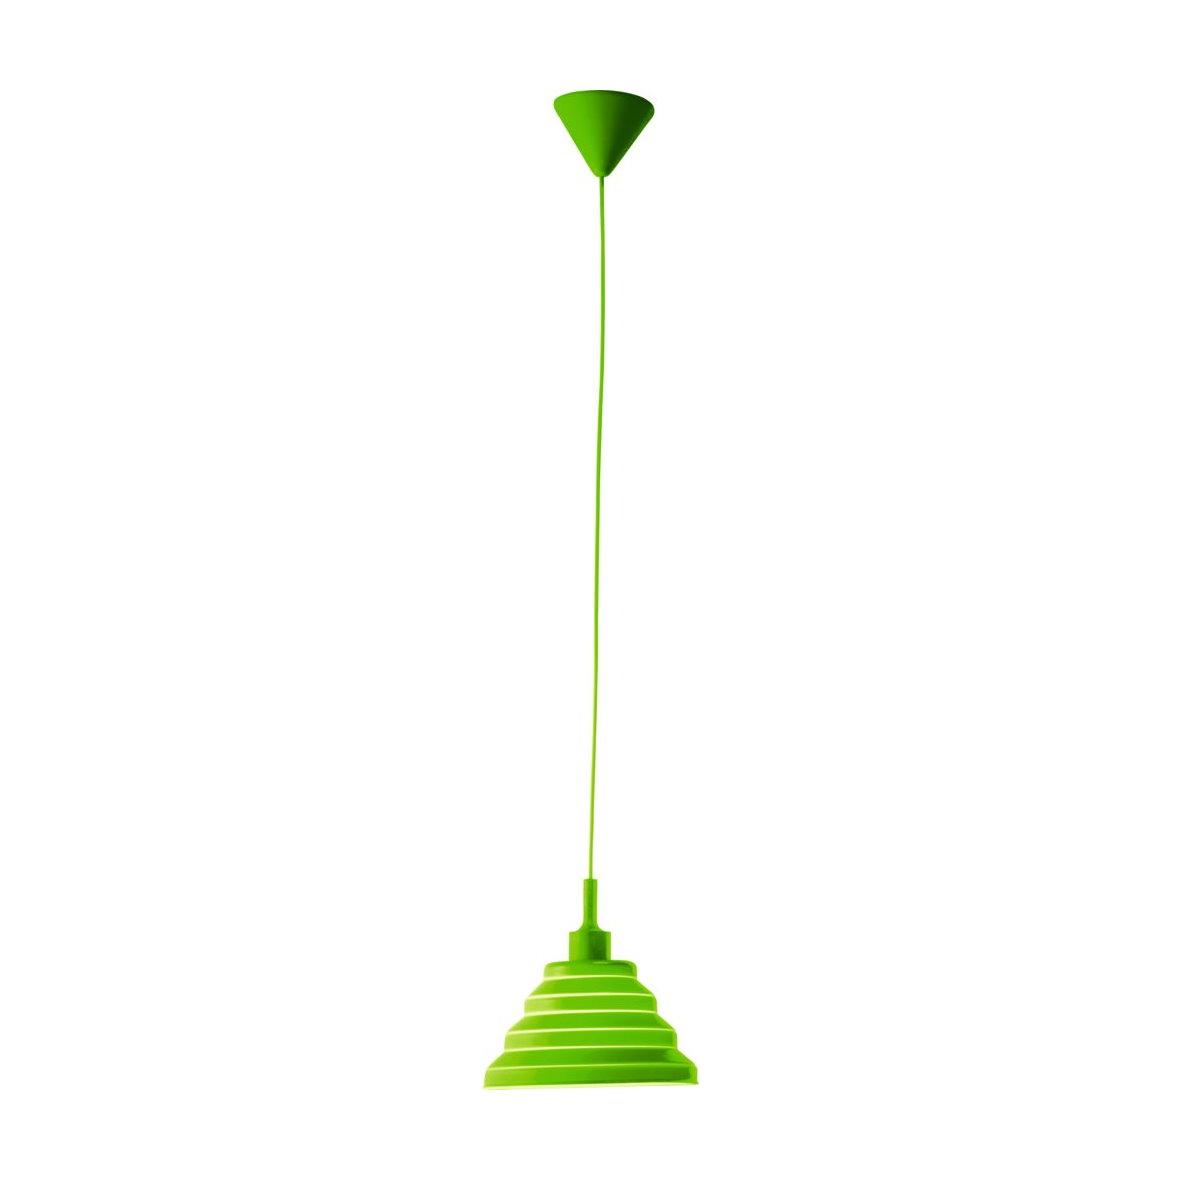 bild wohnzimmer bunt:Silikon Trendleuchte Farbig Bunt Kinderzimmer Wohnzimmer Trend Leuchte